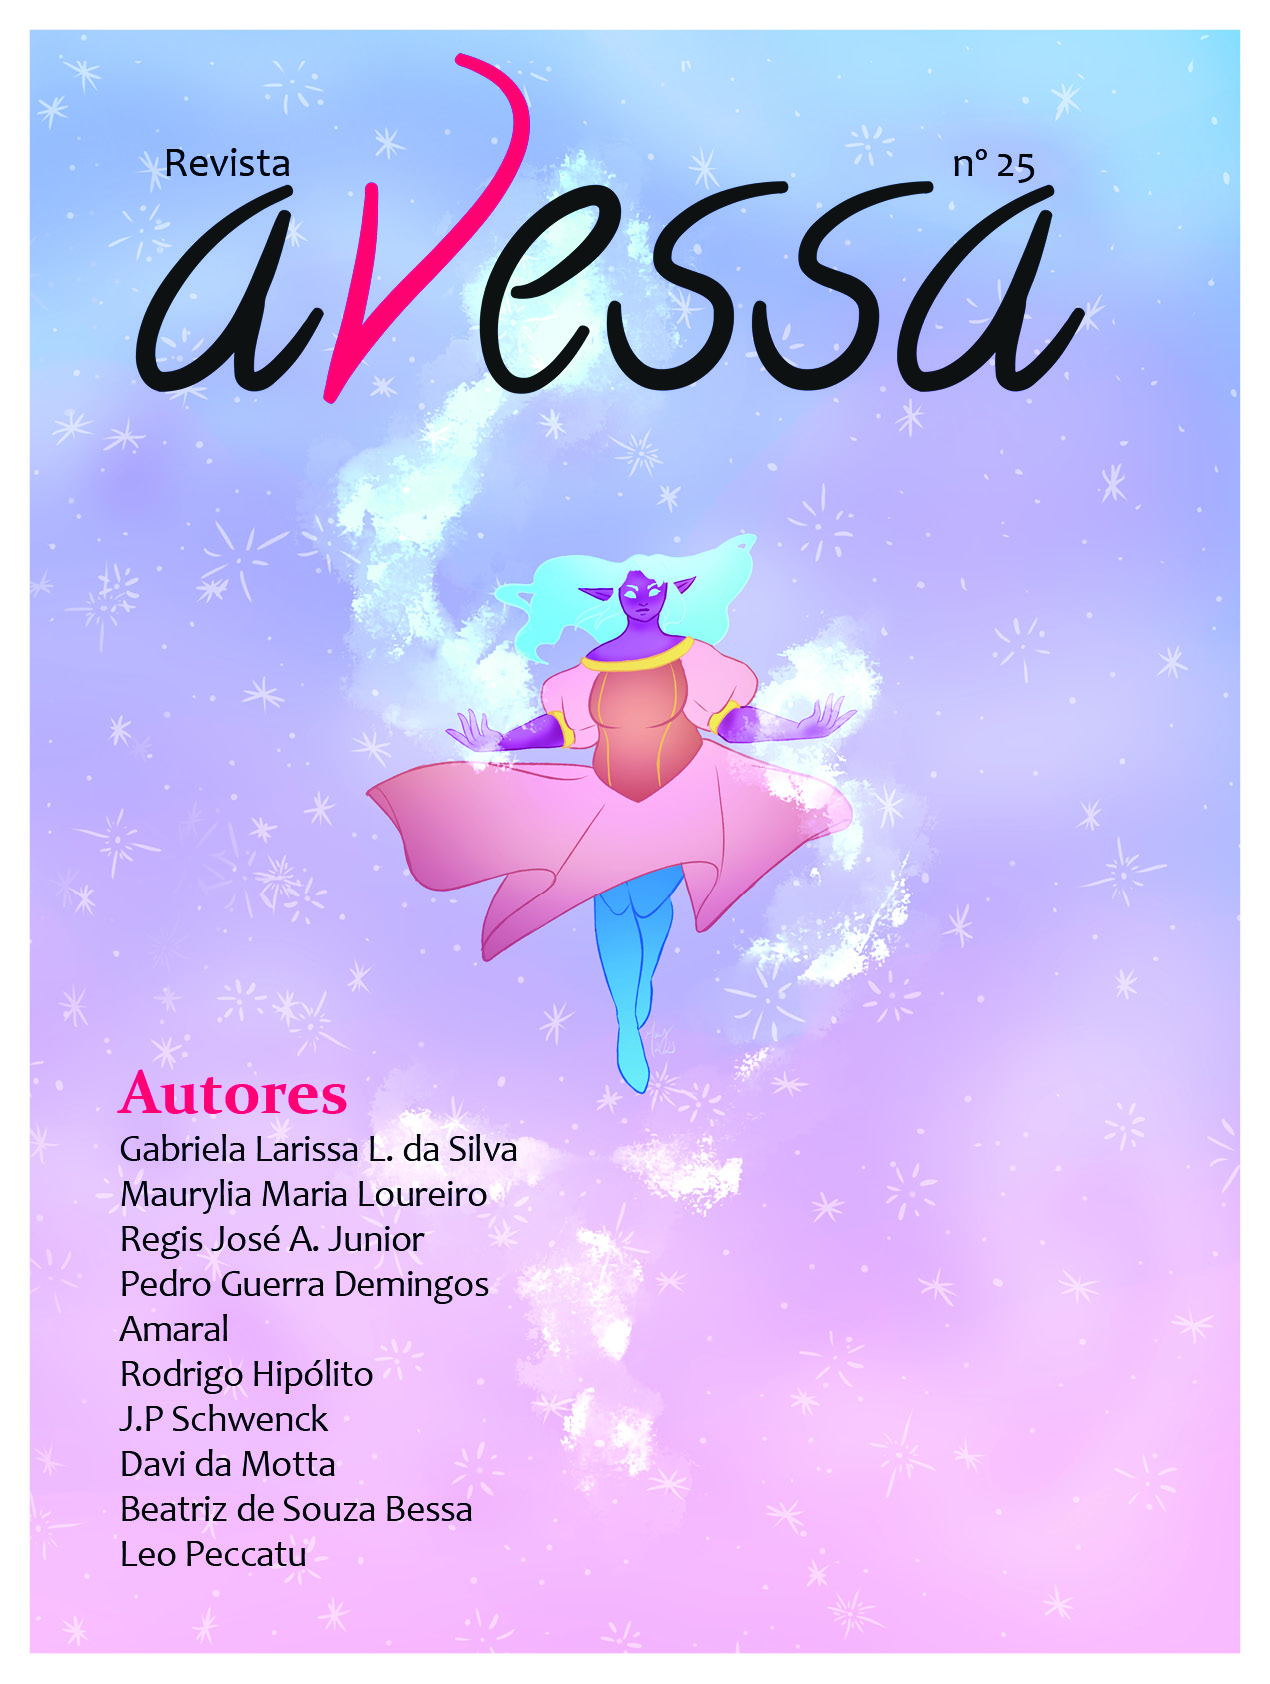 Capa da Avessa nº 25. A ilustração mostra uma elfa negra de vestido laranja e cabelos azuis flutuando contra um céu estrelado de cores pastéis. A sua volta, um brilho mágico azulado.